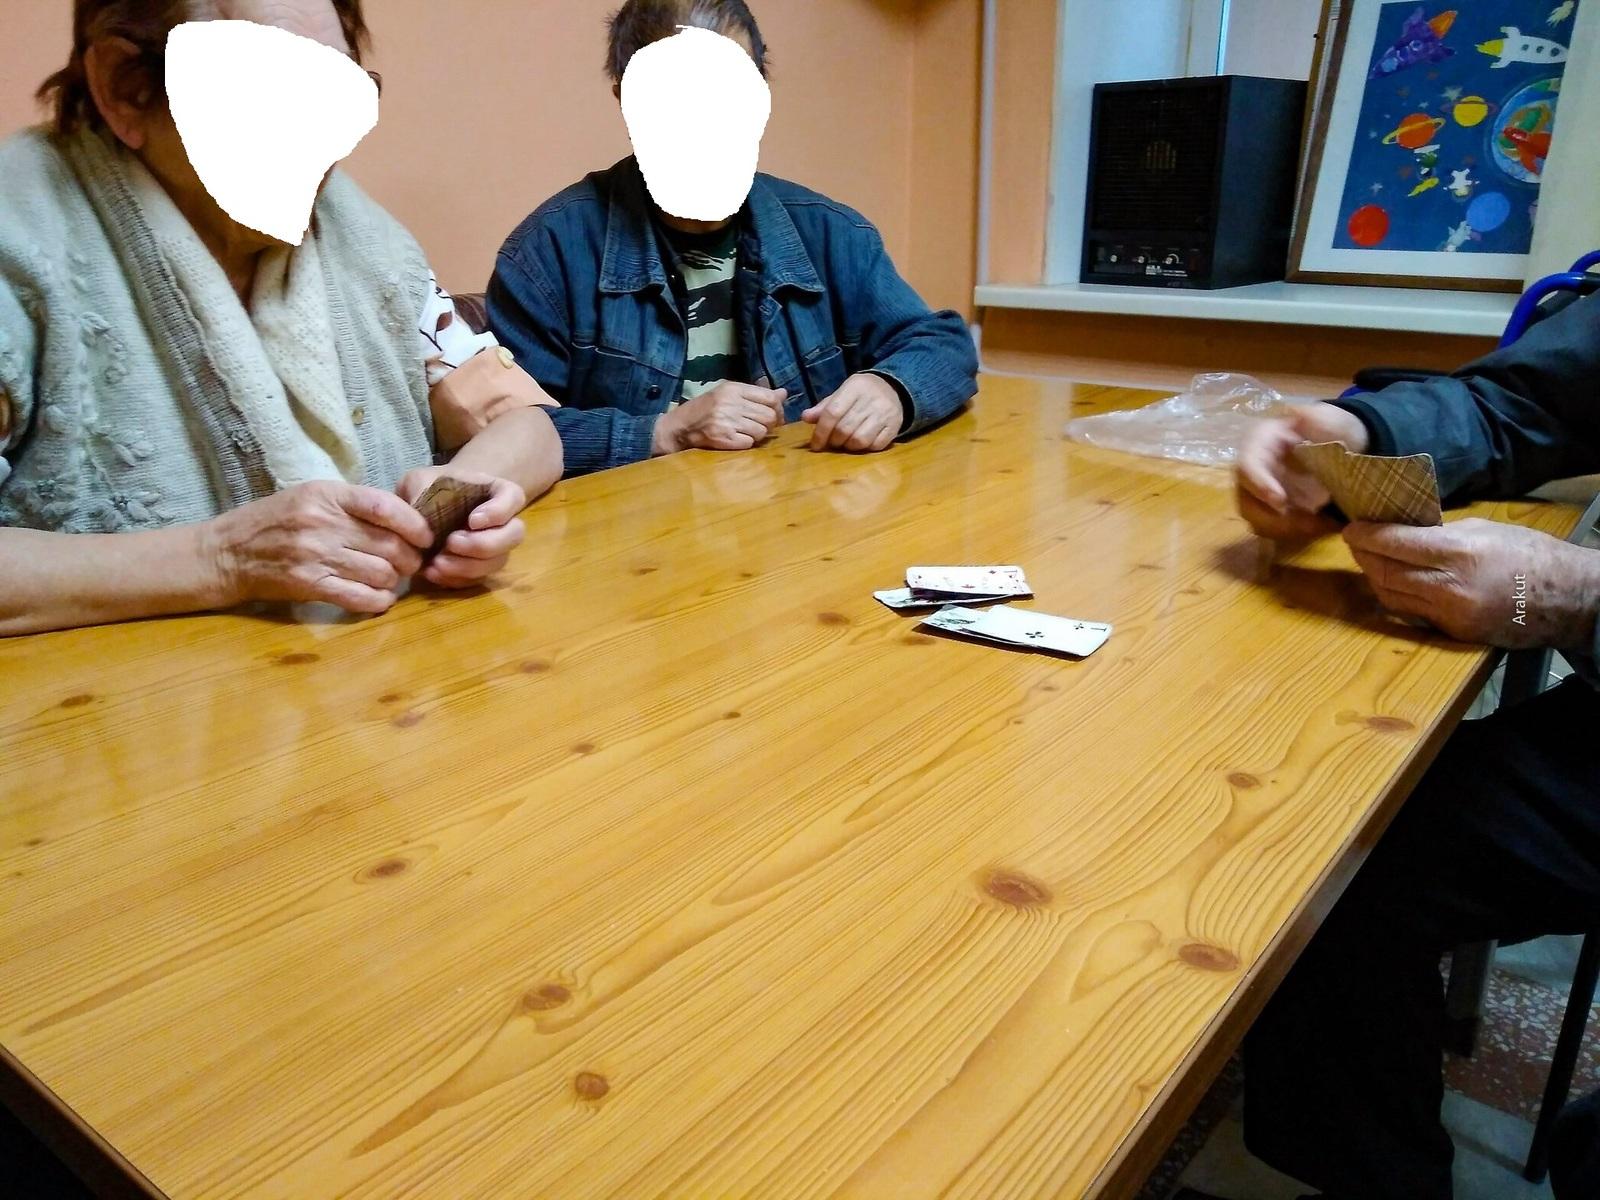 Распорядок дня в домах интернатах для престарелых как оформить в дом престарелых одинокого человека